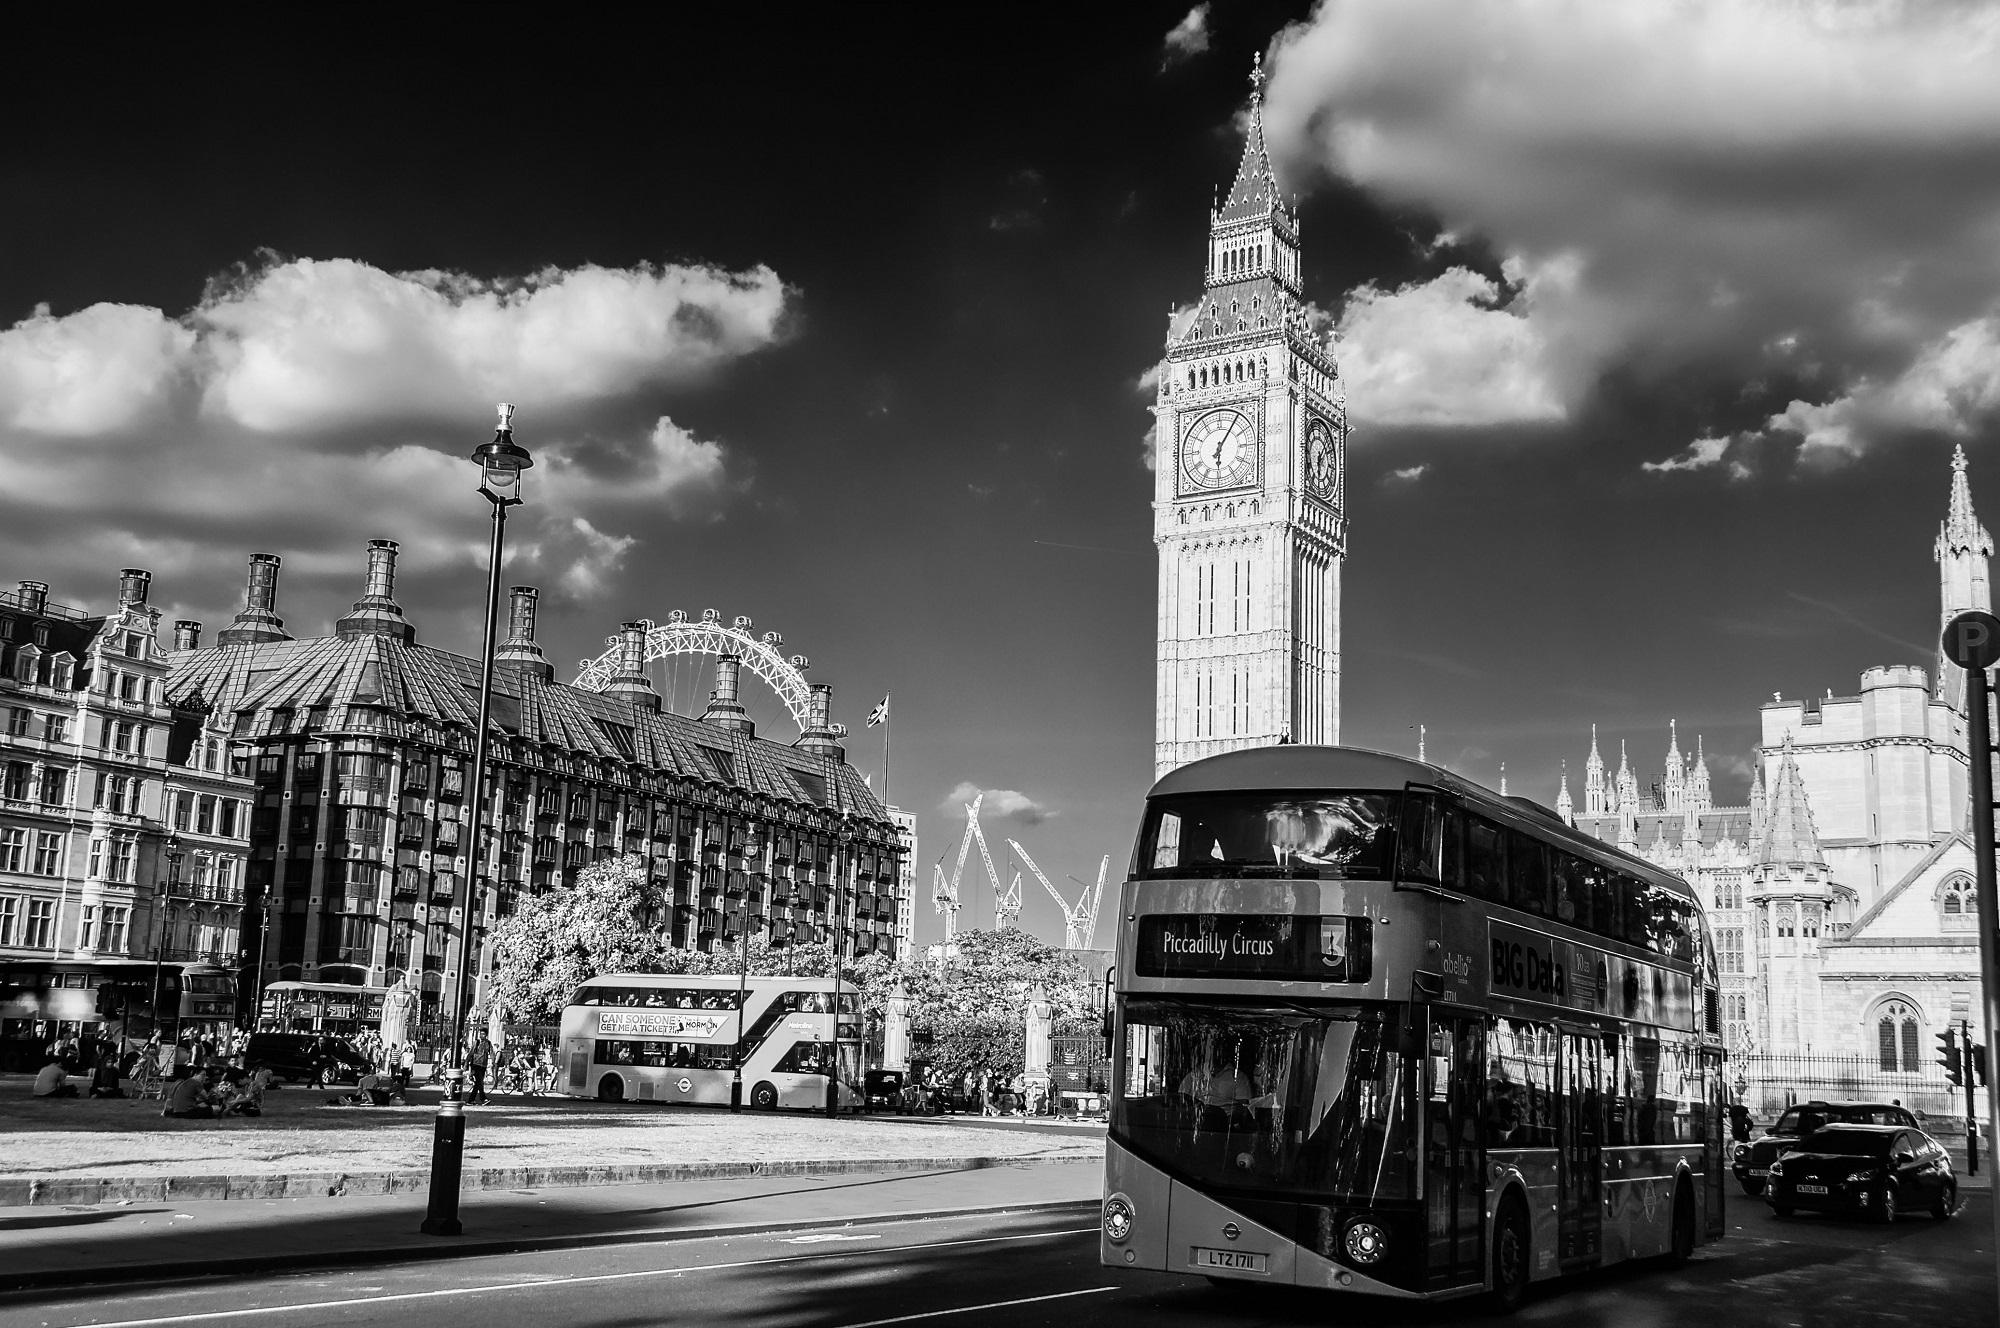 Big Ben von Westminster Abbey aus gesehen